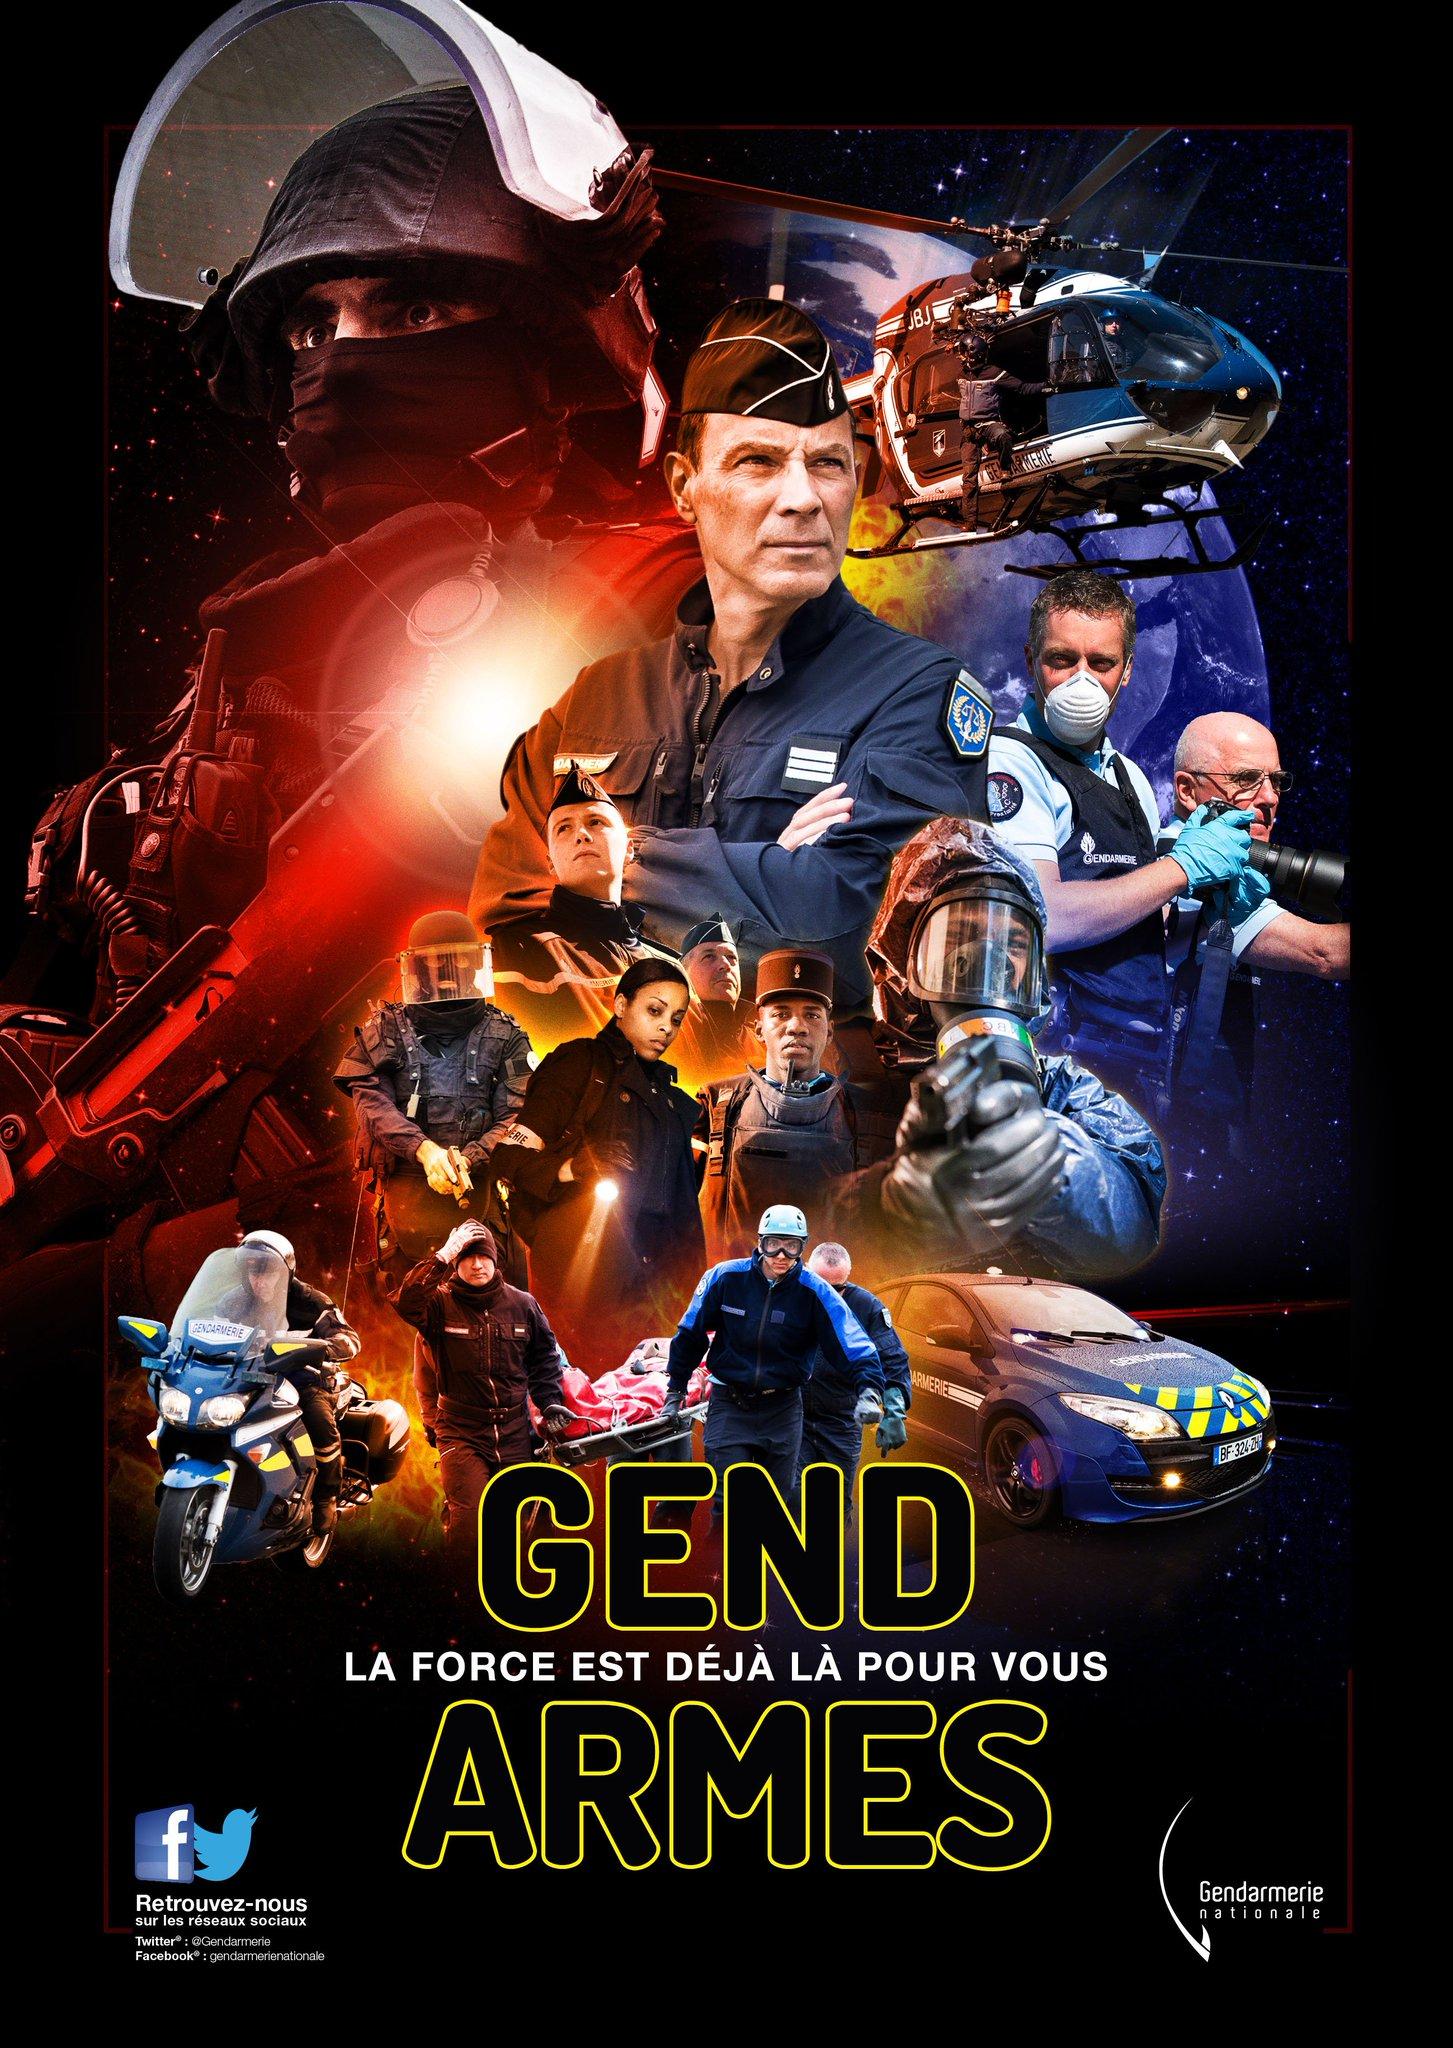 Gendarmerienationale on twitter starwars fan de la saga for Gendarmerie interieur gouv